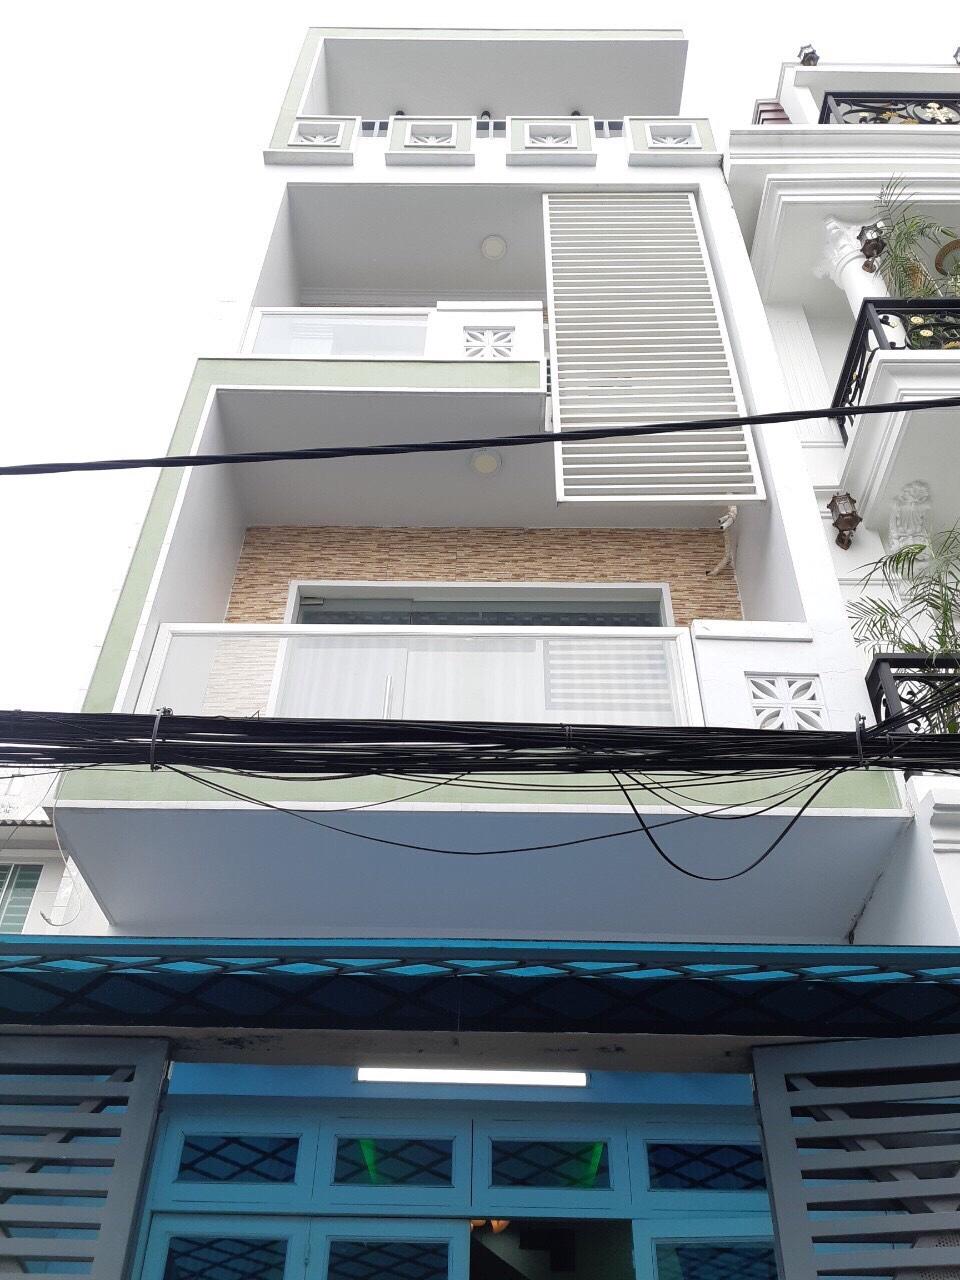 Bán nhà hẻm xe hơi 487 Huỳnh Tấn Phát giá dưới 5,5 tỷ